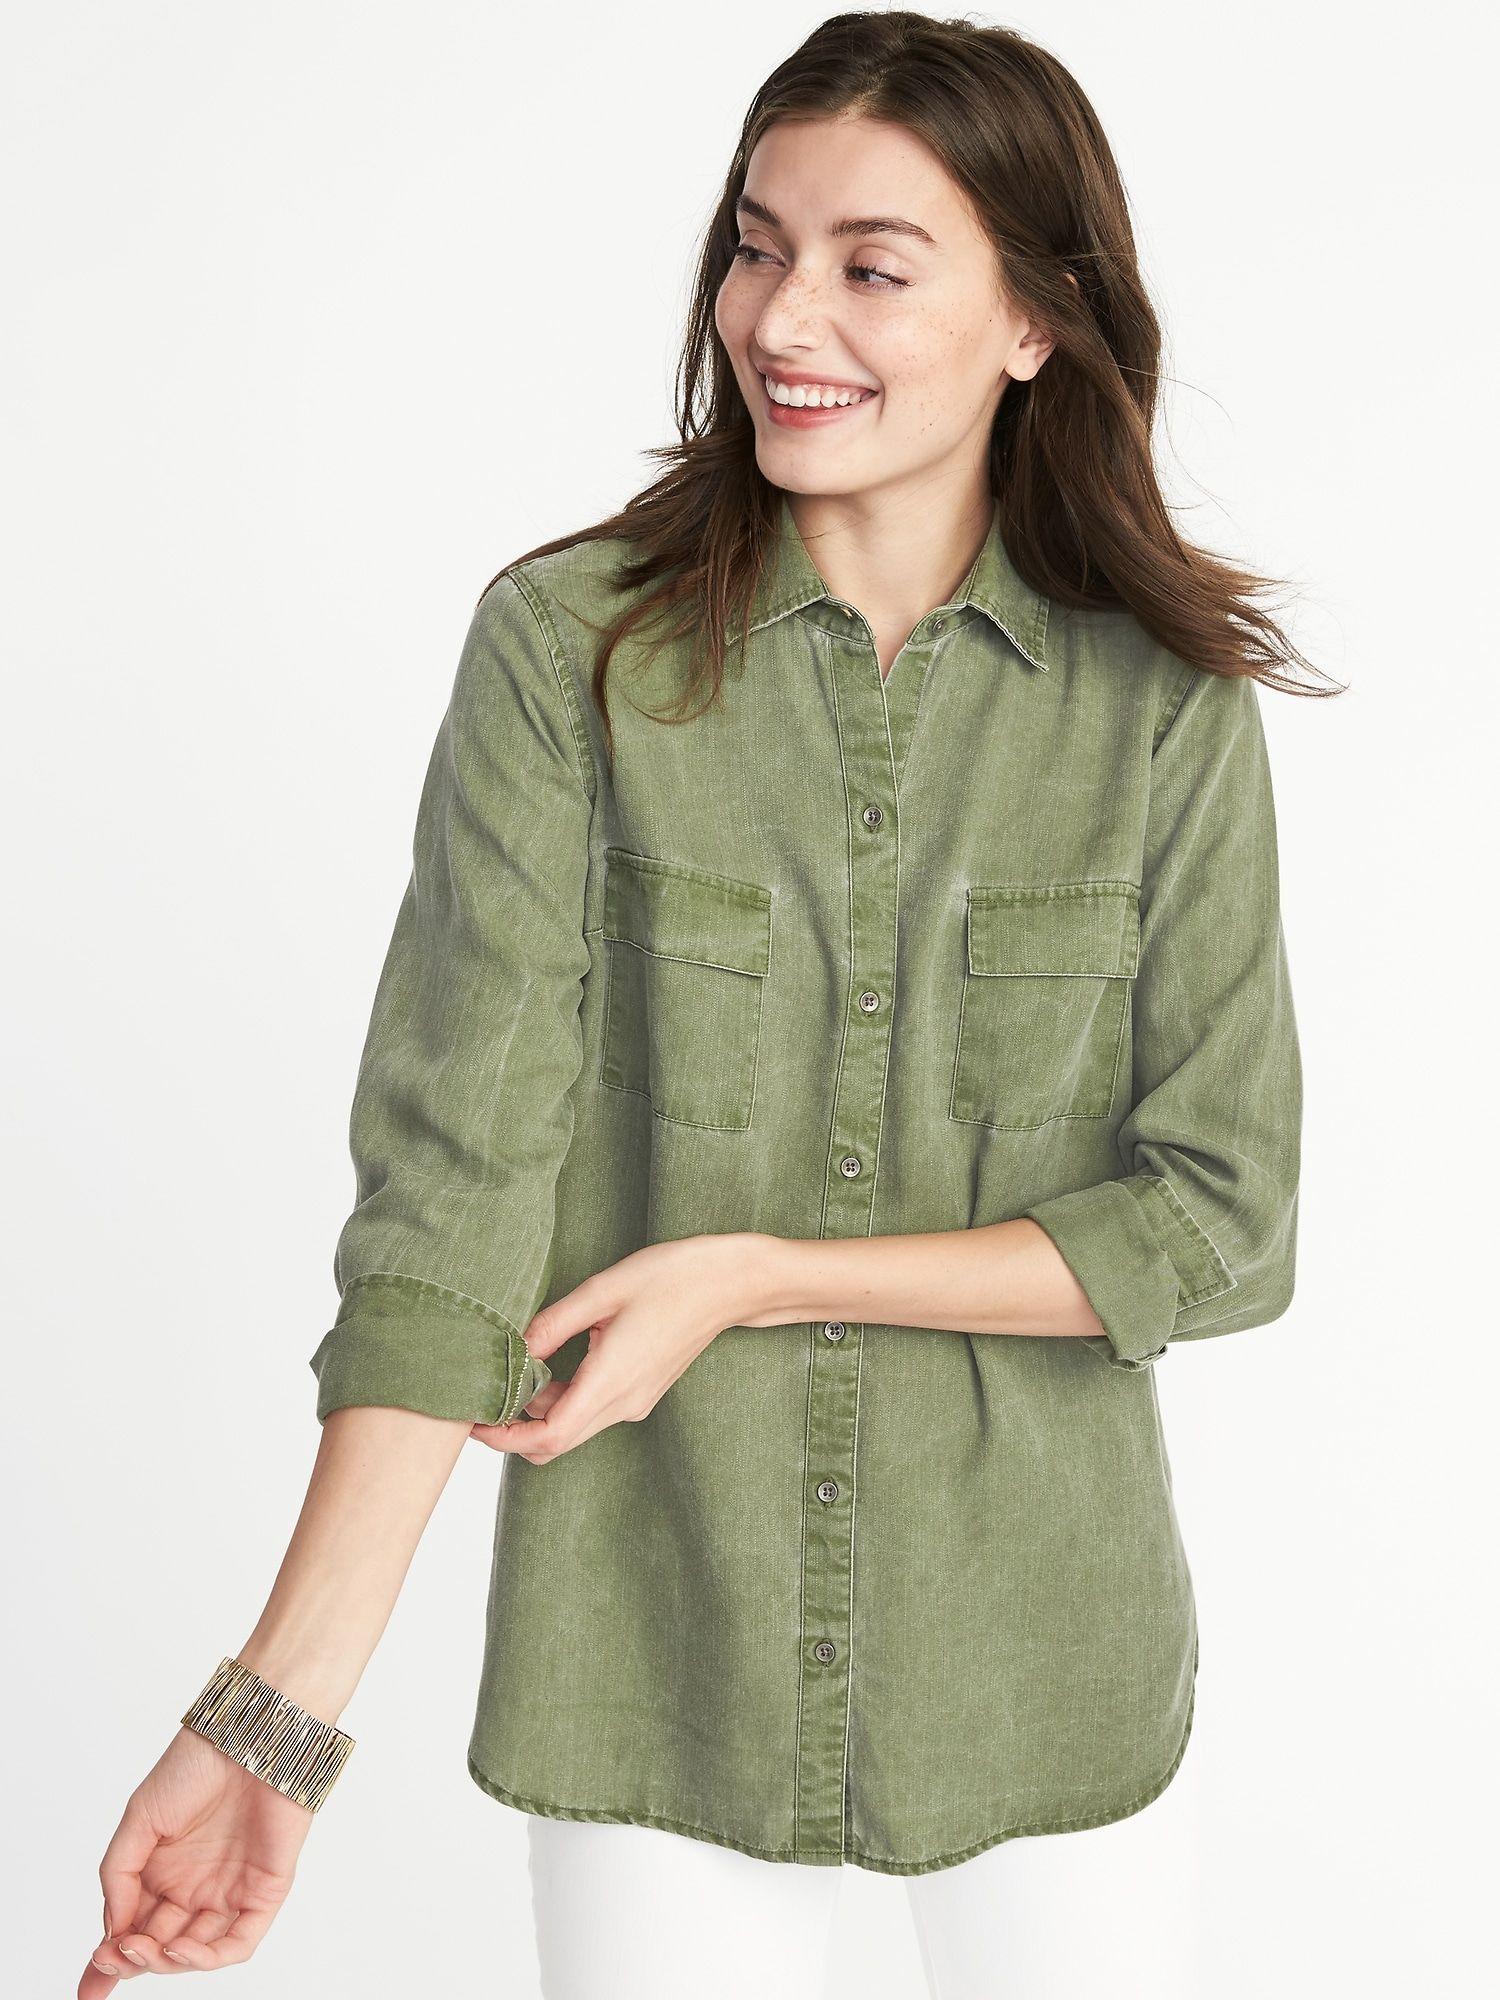 024a2b5073310 Tencel® Utility Shirt for Women